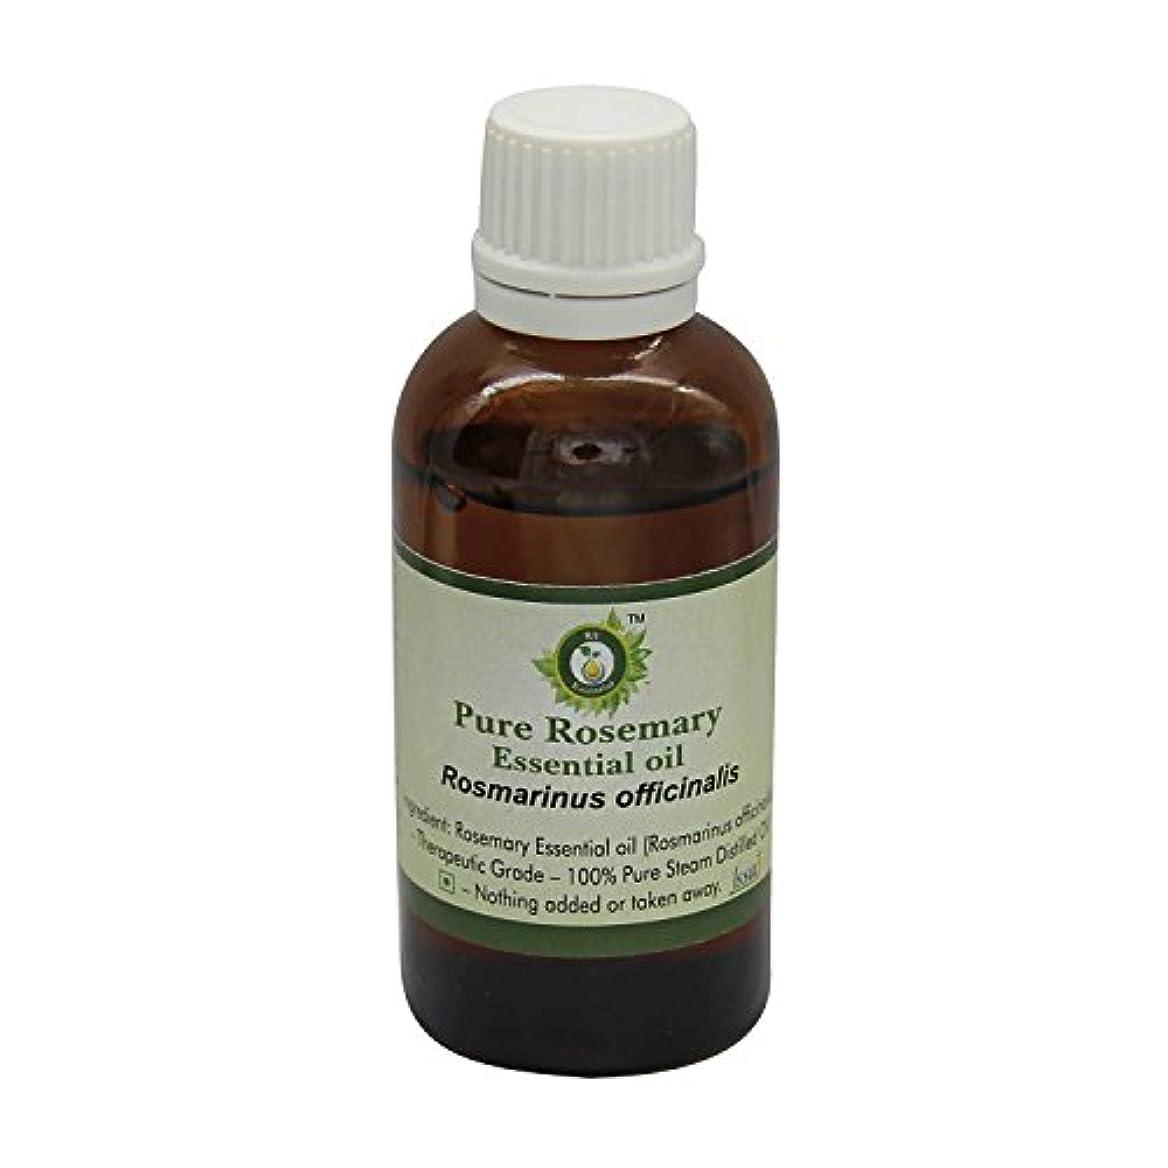 不器用収益ピジンR V Essential ピュアローズマリーエッセンシャルオイル30ml (1.01oz)- Rosmarinus Officinalis (100%純粋&天然スチームDistilled) Pure Rosemary...